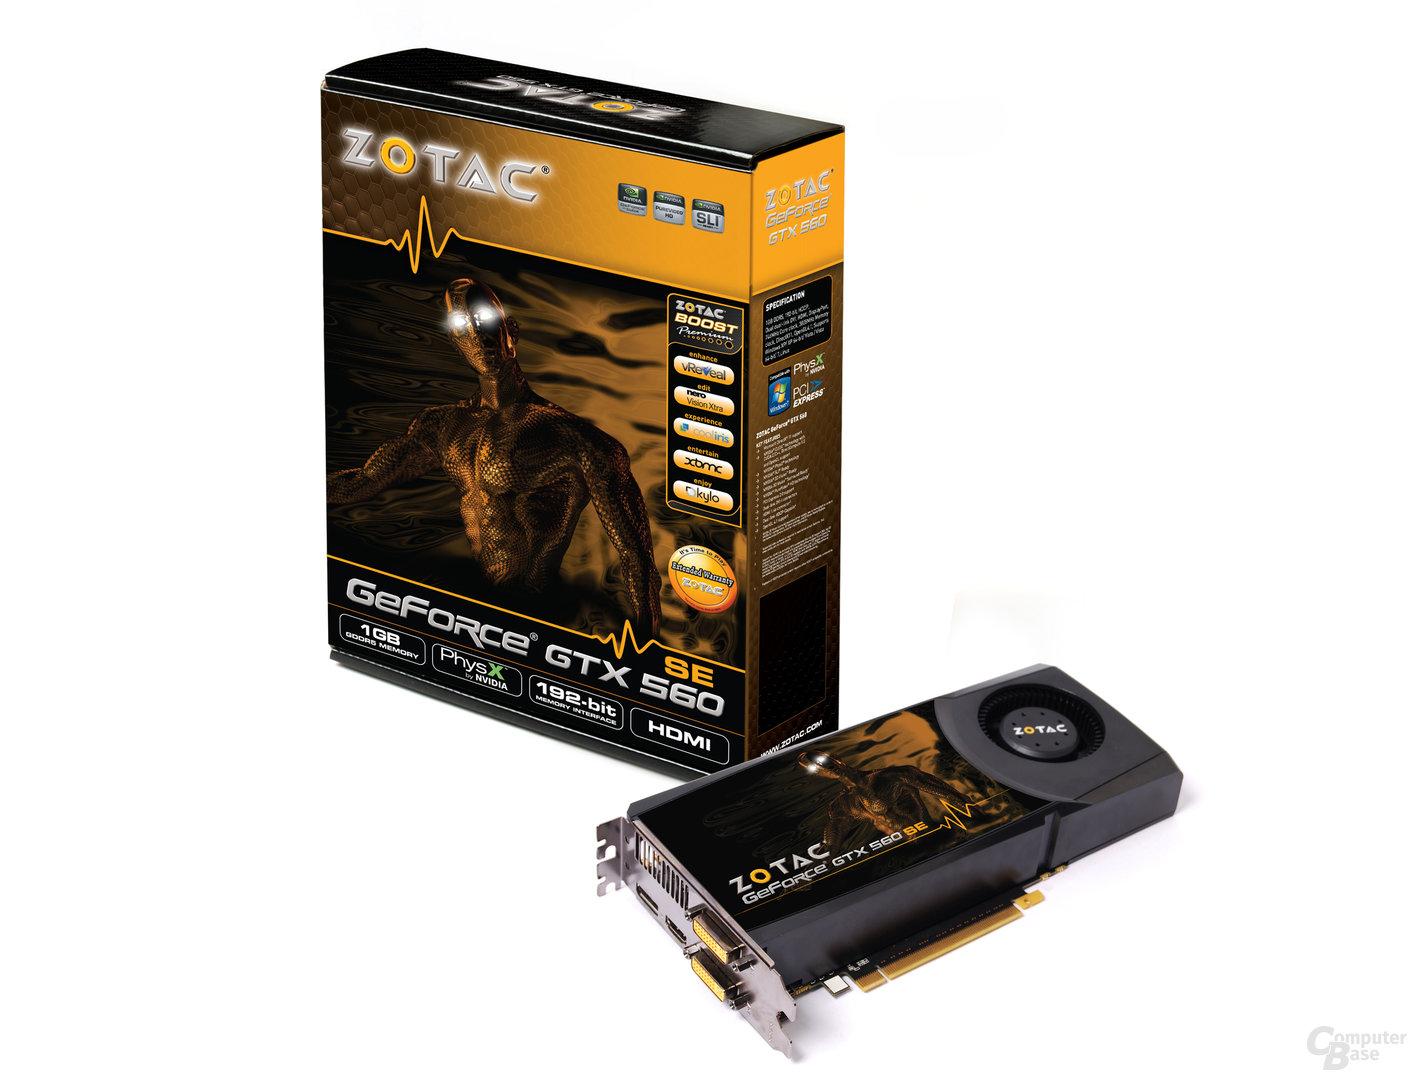 Zotac GeForce GTX 560 SE